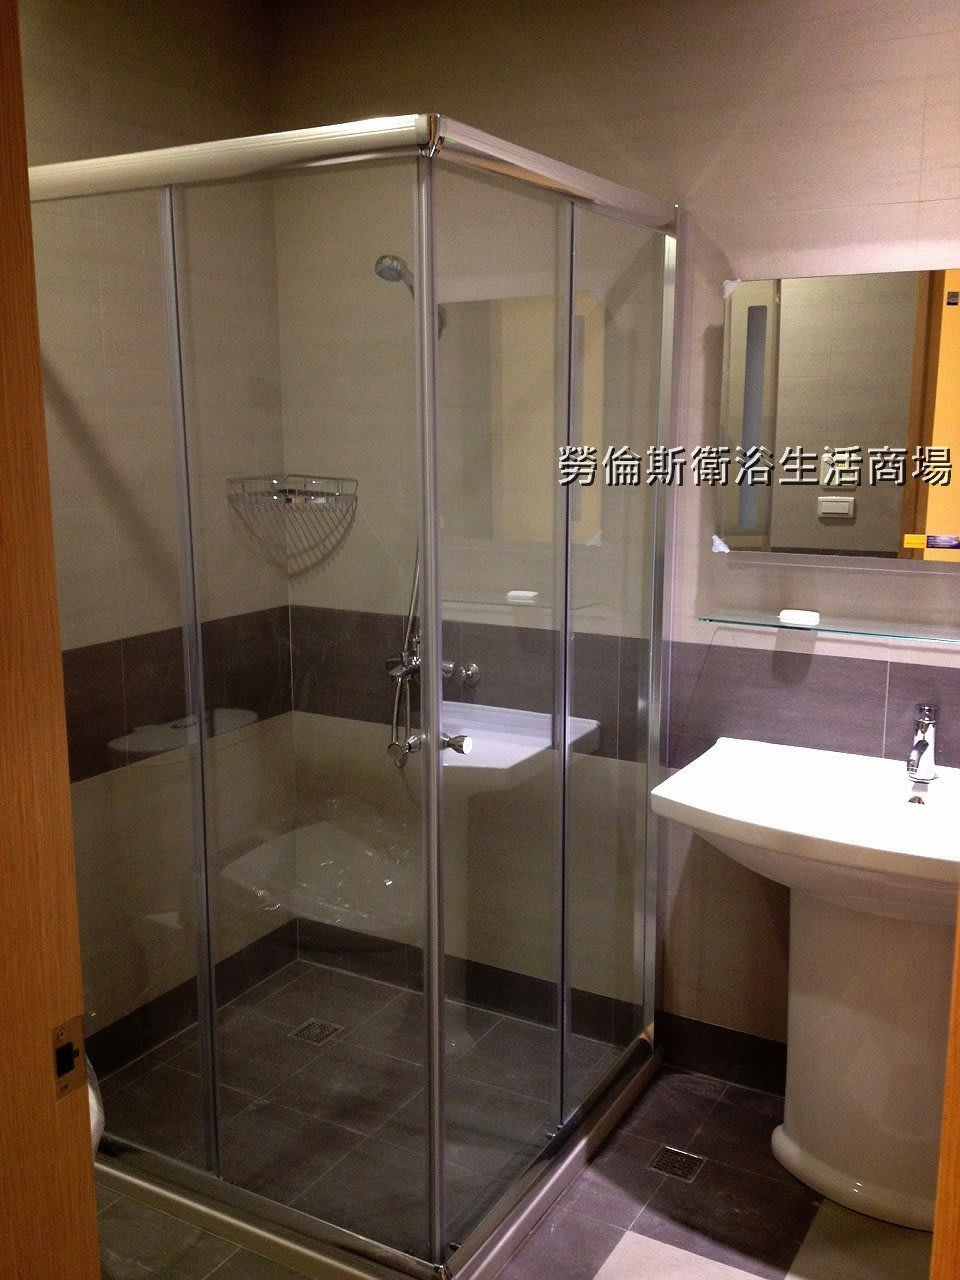 [勞倫斯衛浴-淋浴拉門]乾溼分離亮銀簡框直角雙門對開清強玻(含丈量+施工)衛浴設備淋浴拉門